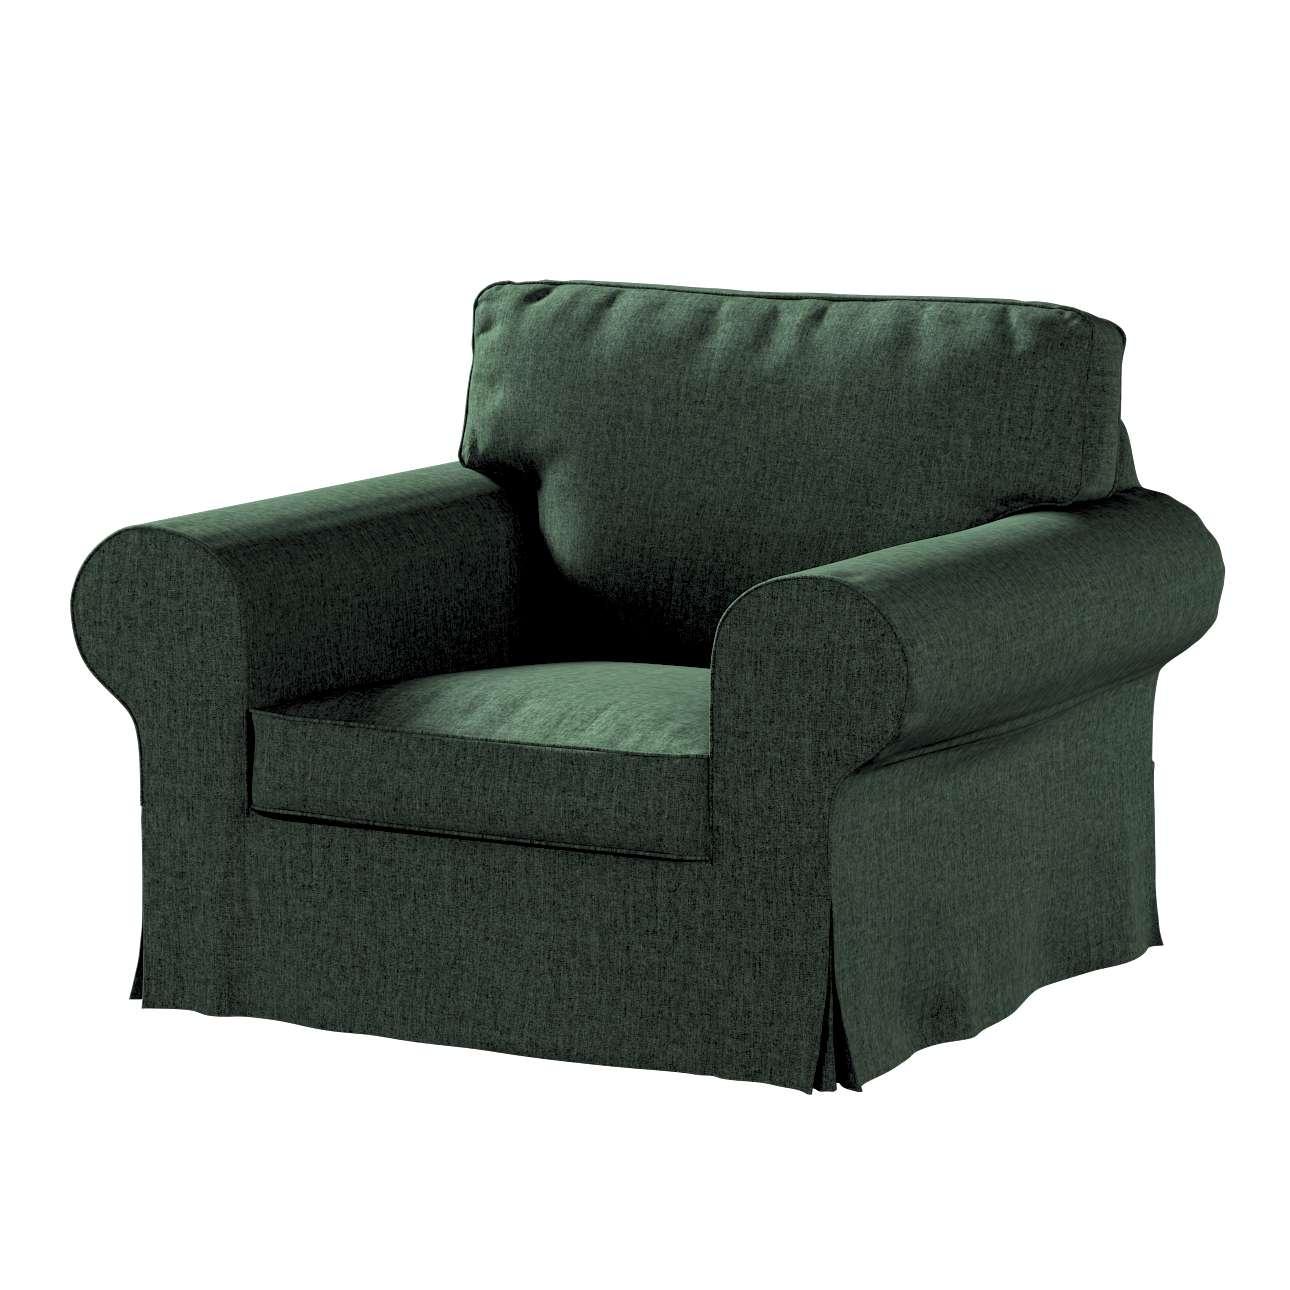 Pokrowiec na fotel Ektorp w kolekcji City, tkanina: 704-81